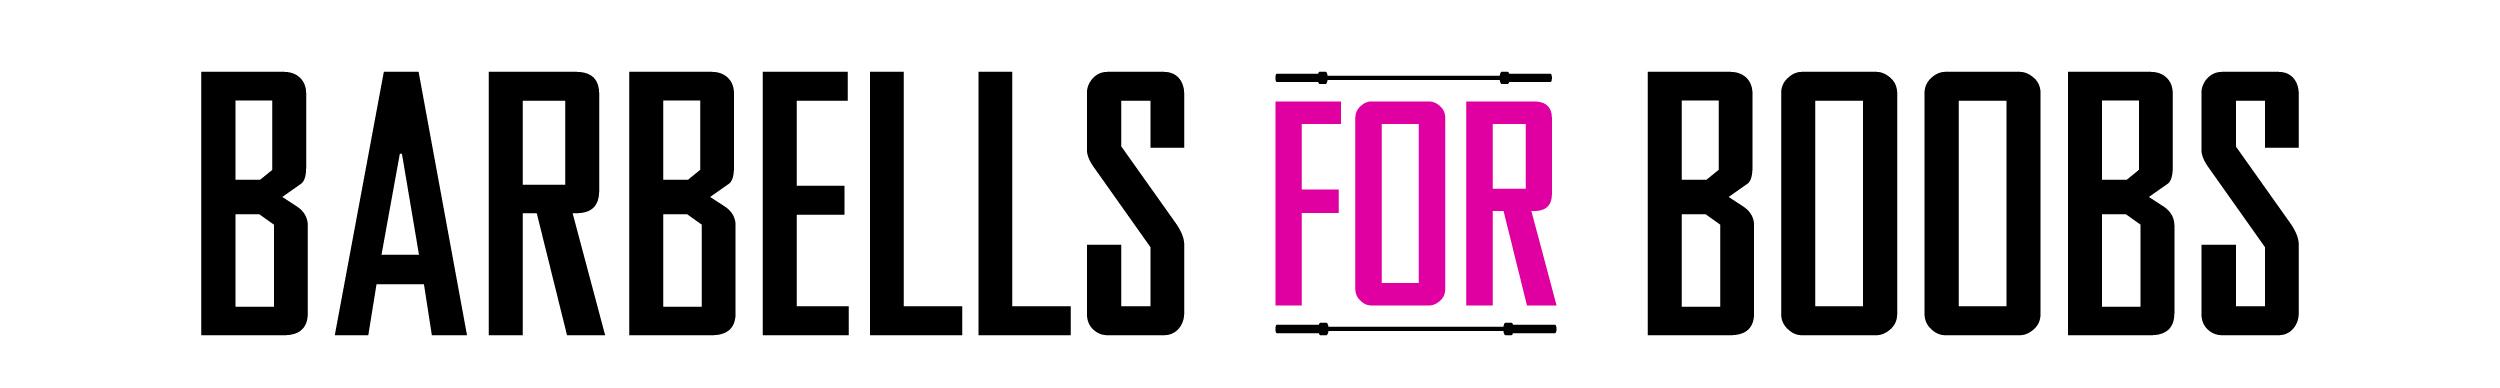 BFB_Bar_Logos-01.jpg